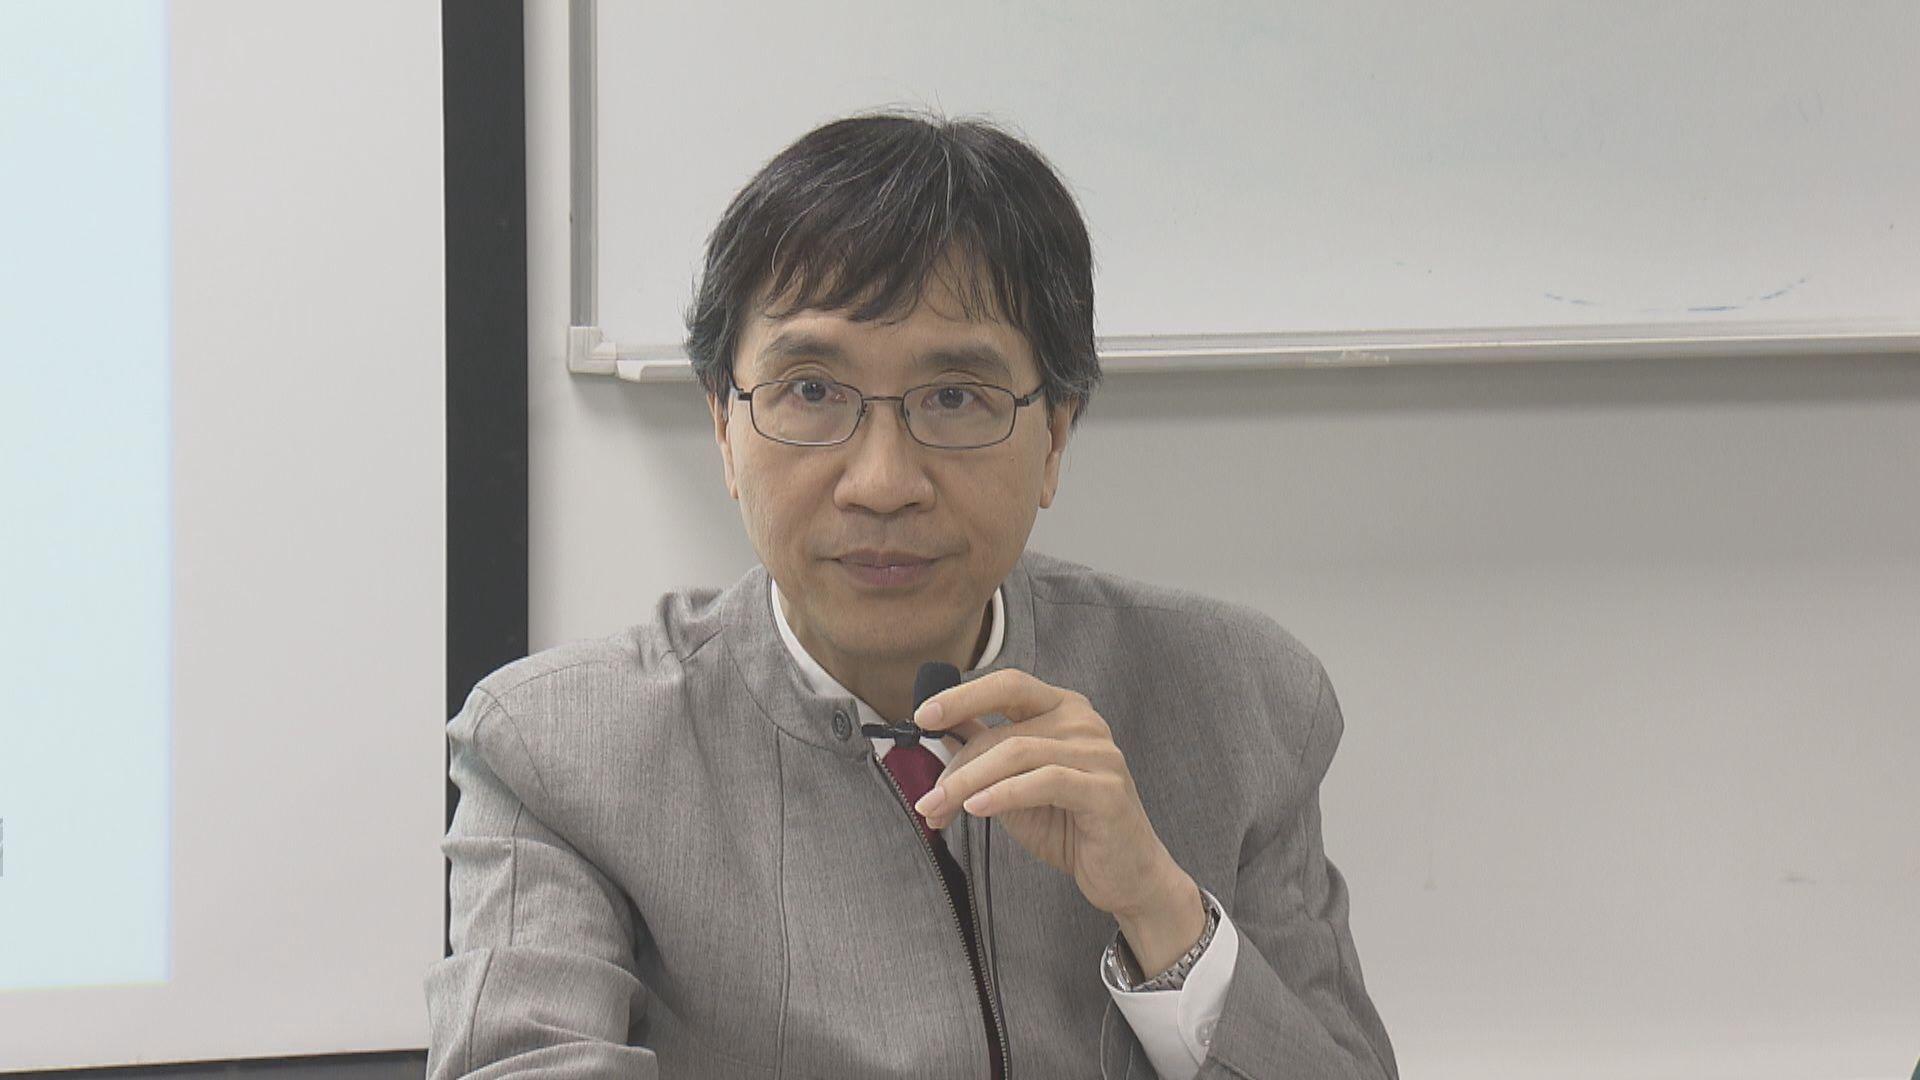 袁國勇:強制檢測措施若落實 毋須再收緊防疫措施